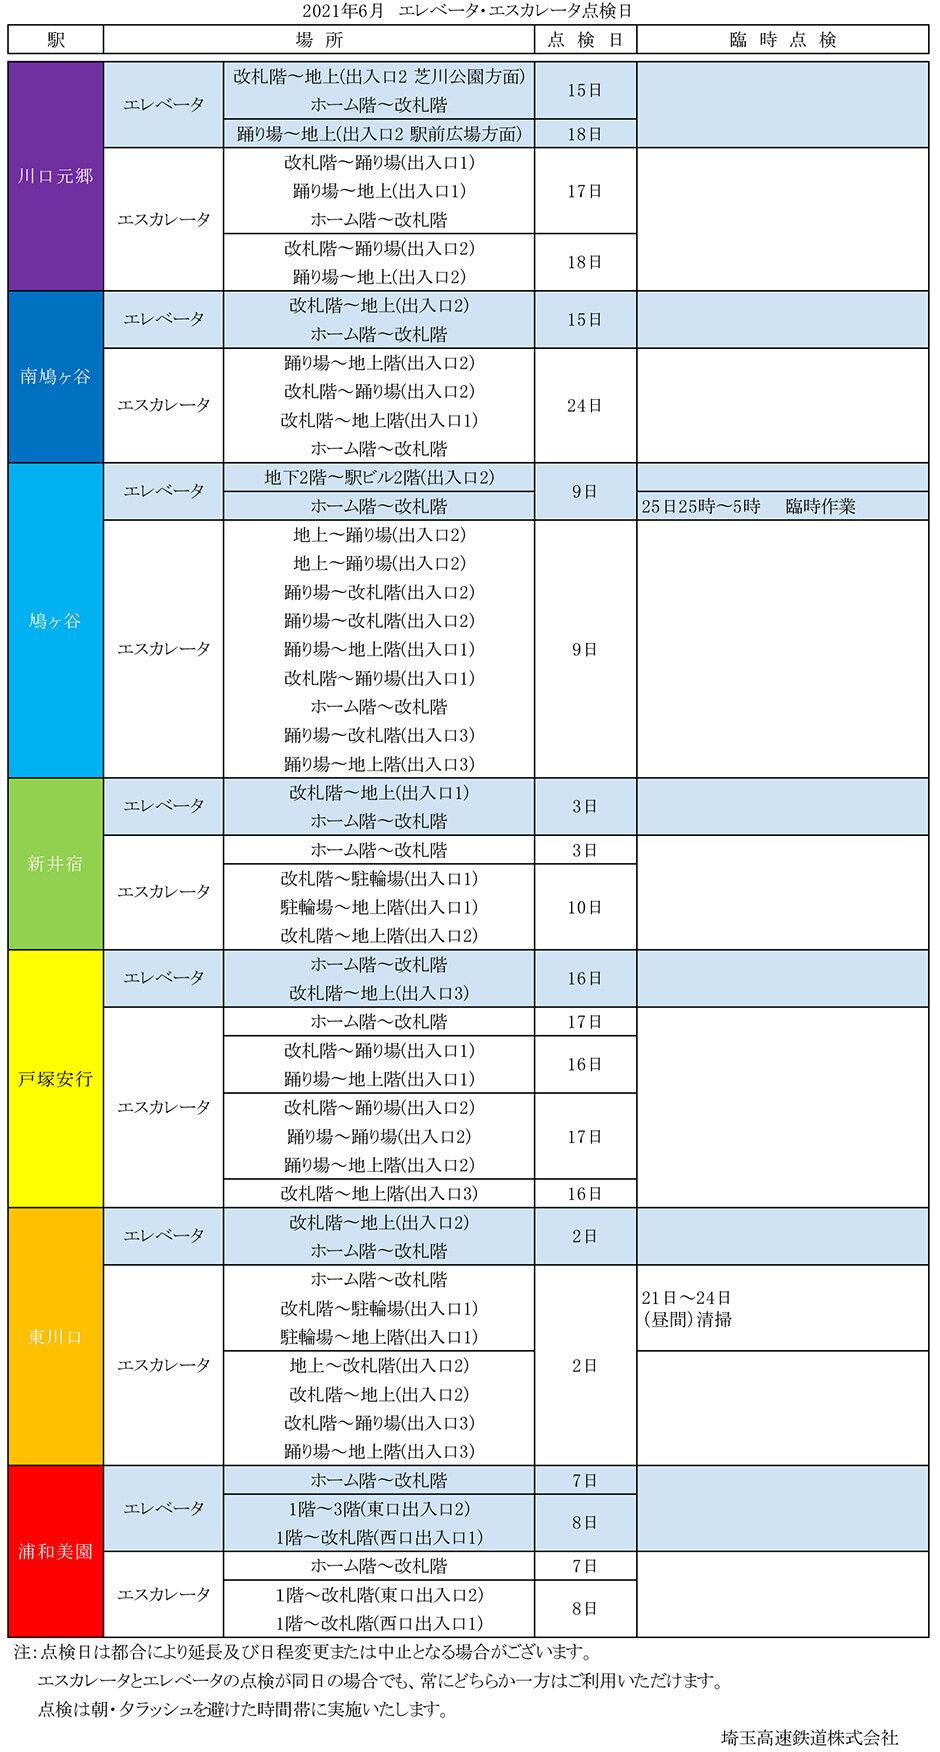 EVES202106.jpg